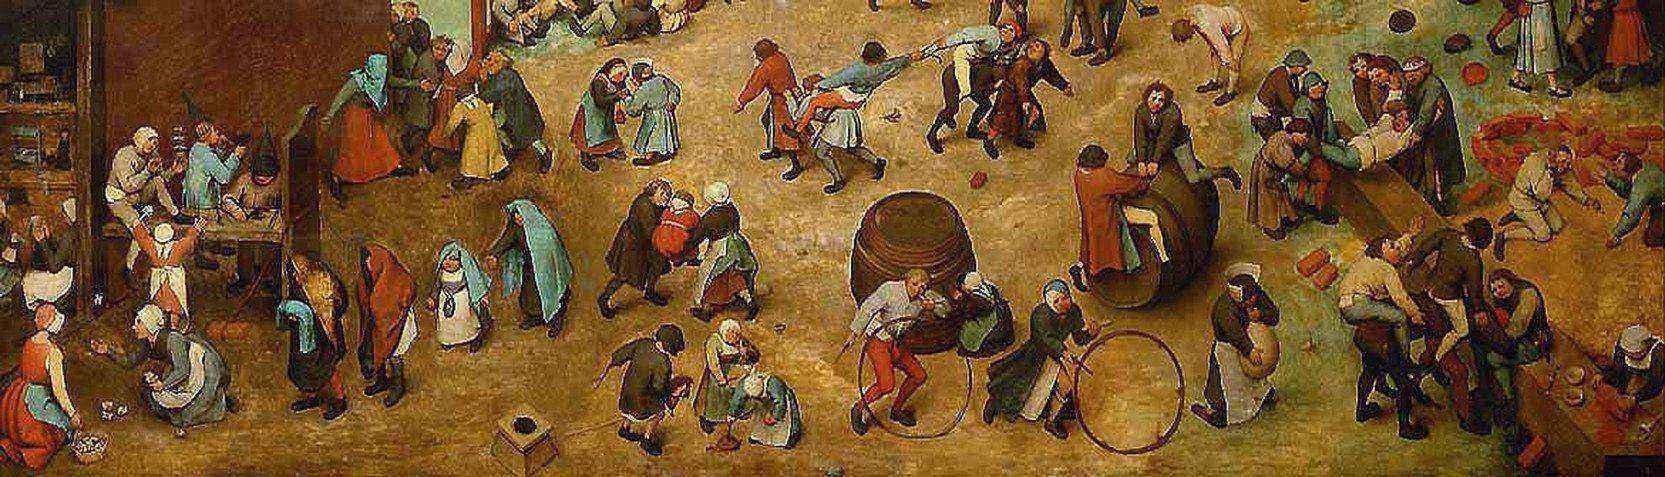 Artists A-Z - Pieter Bruegel der Jüngere